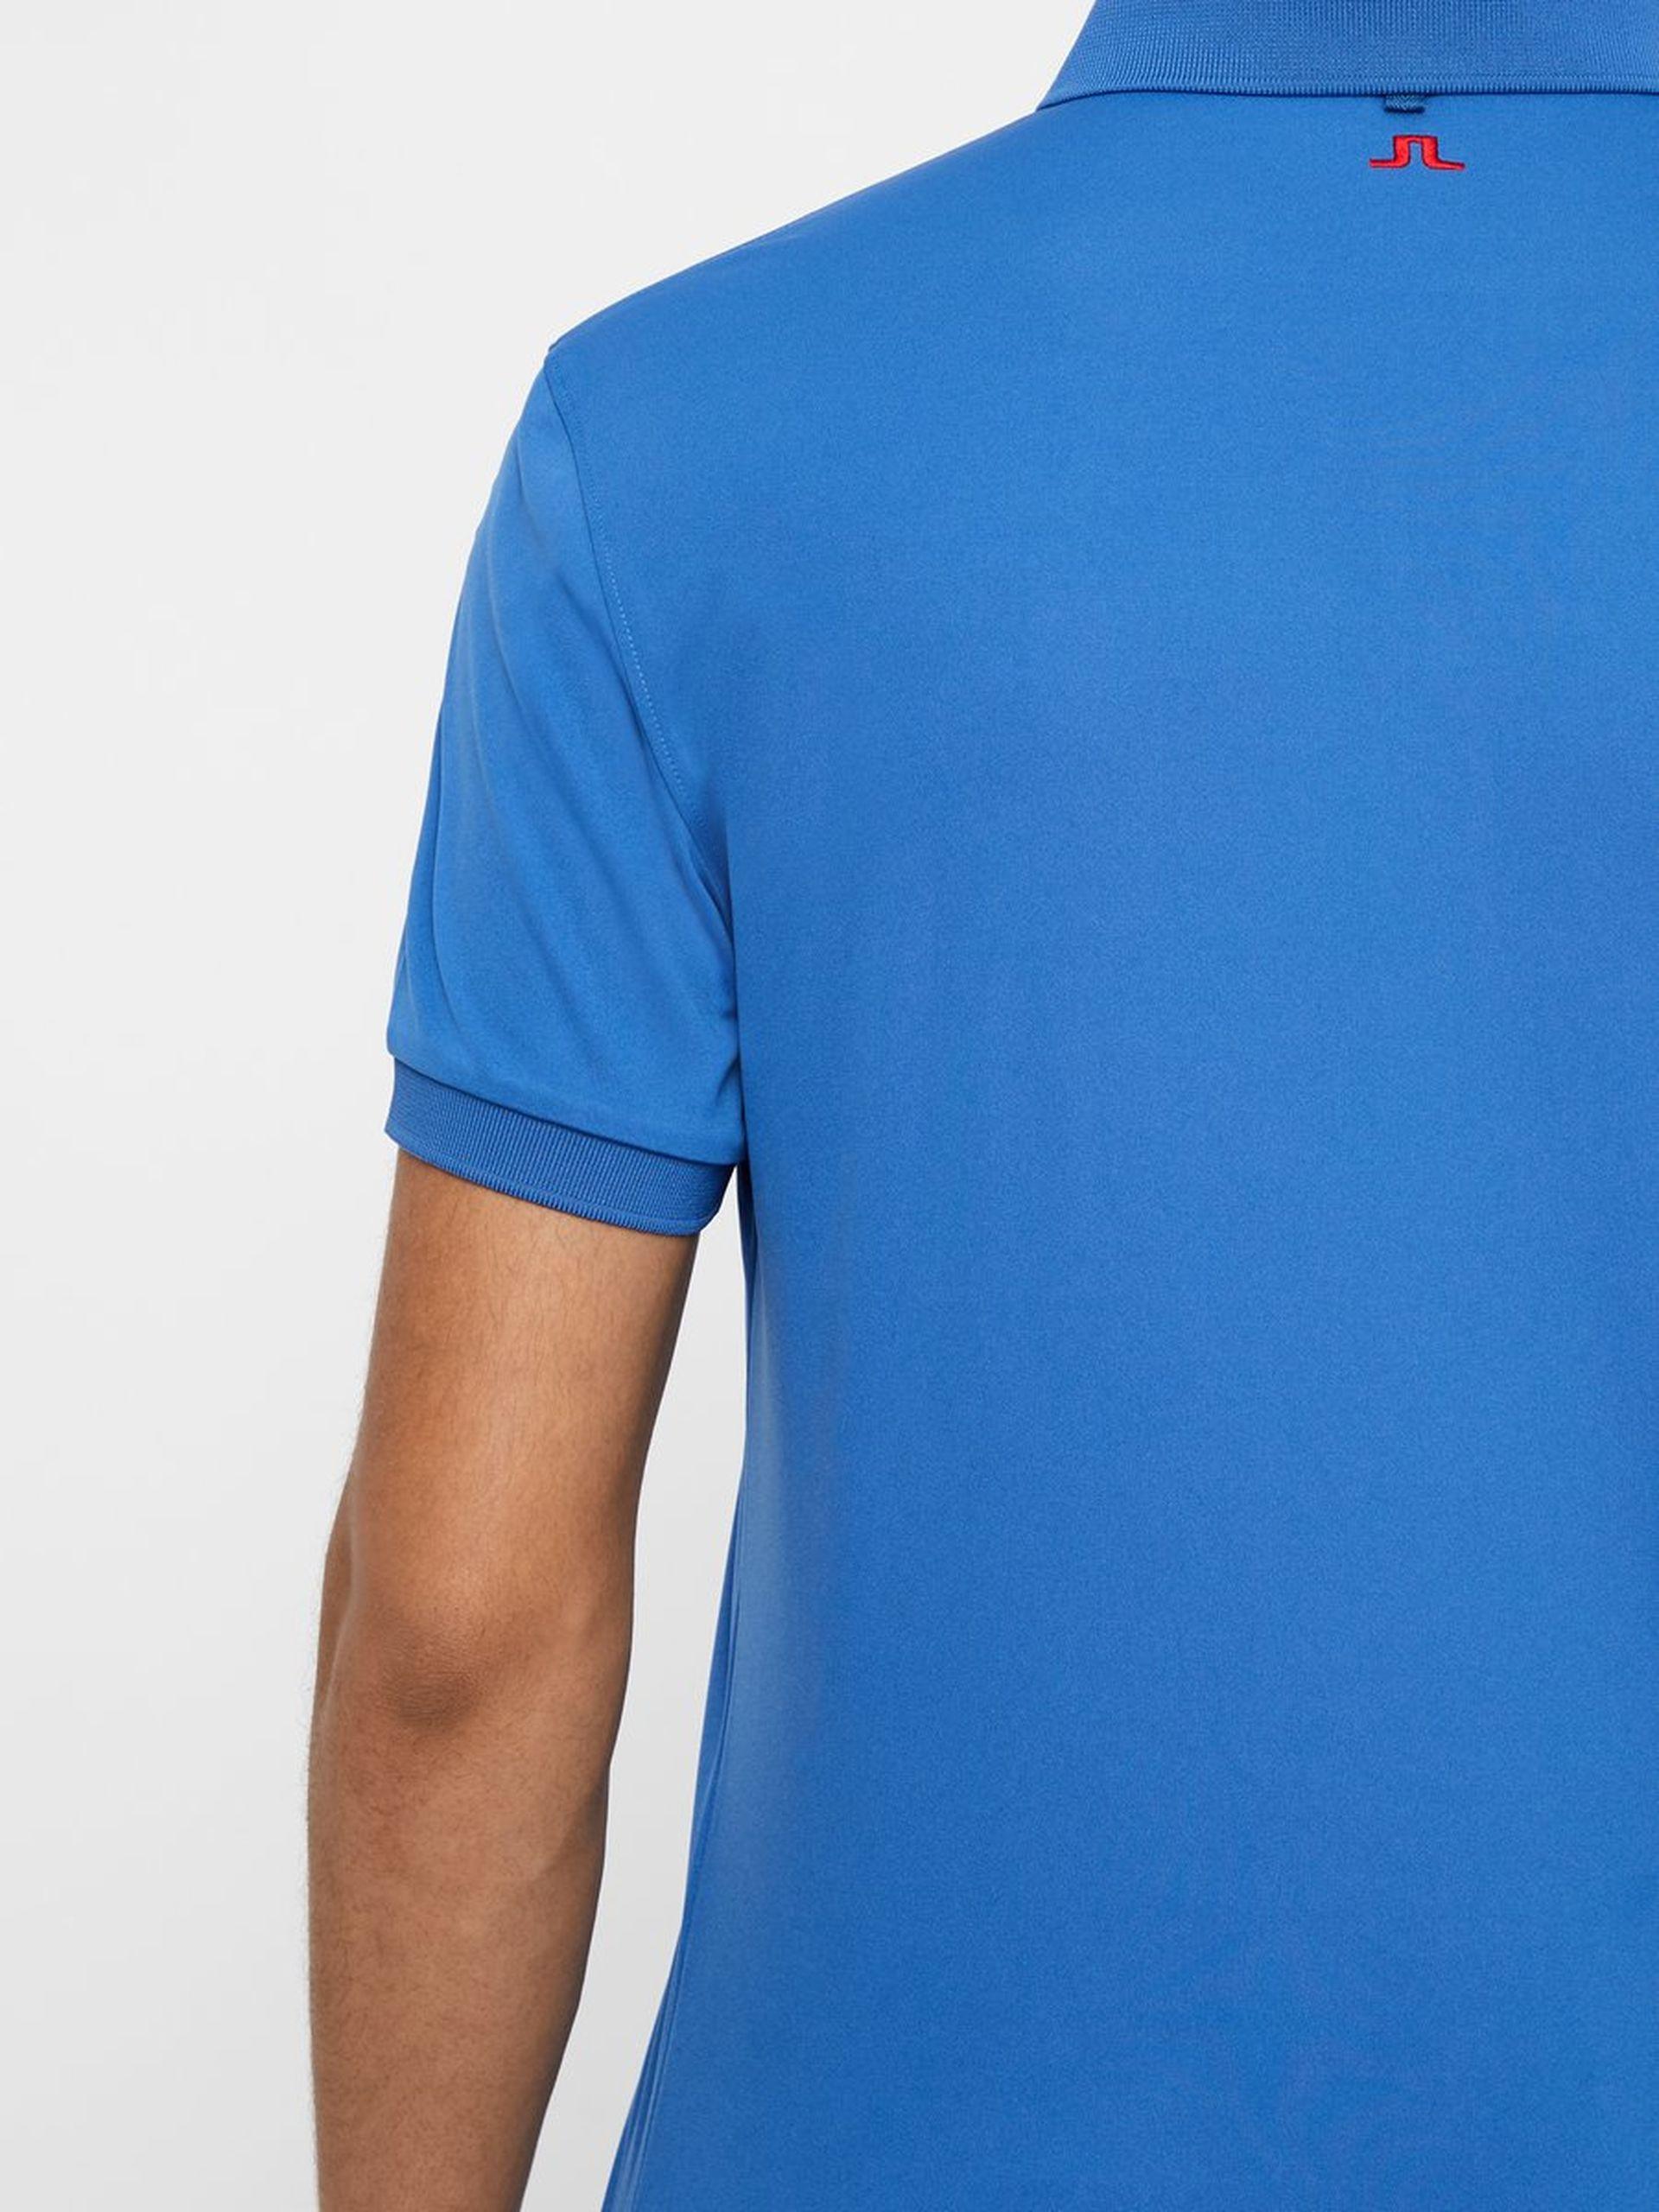 J. Lindeberg Hr. Tour Tech Reg Fit TX Jersey Poloshirt blau